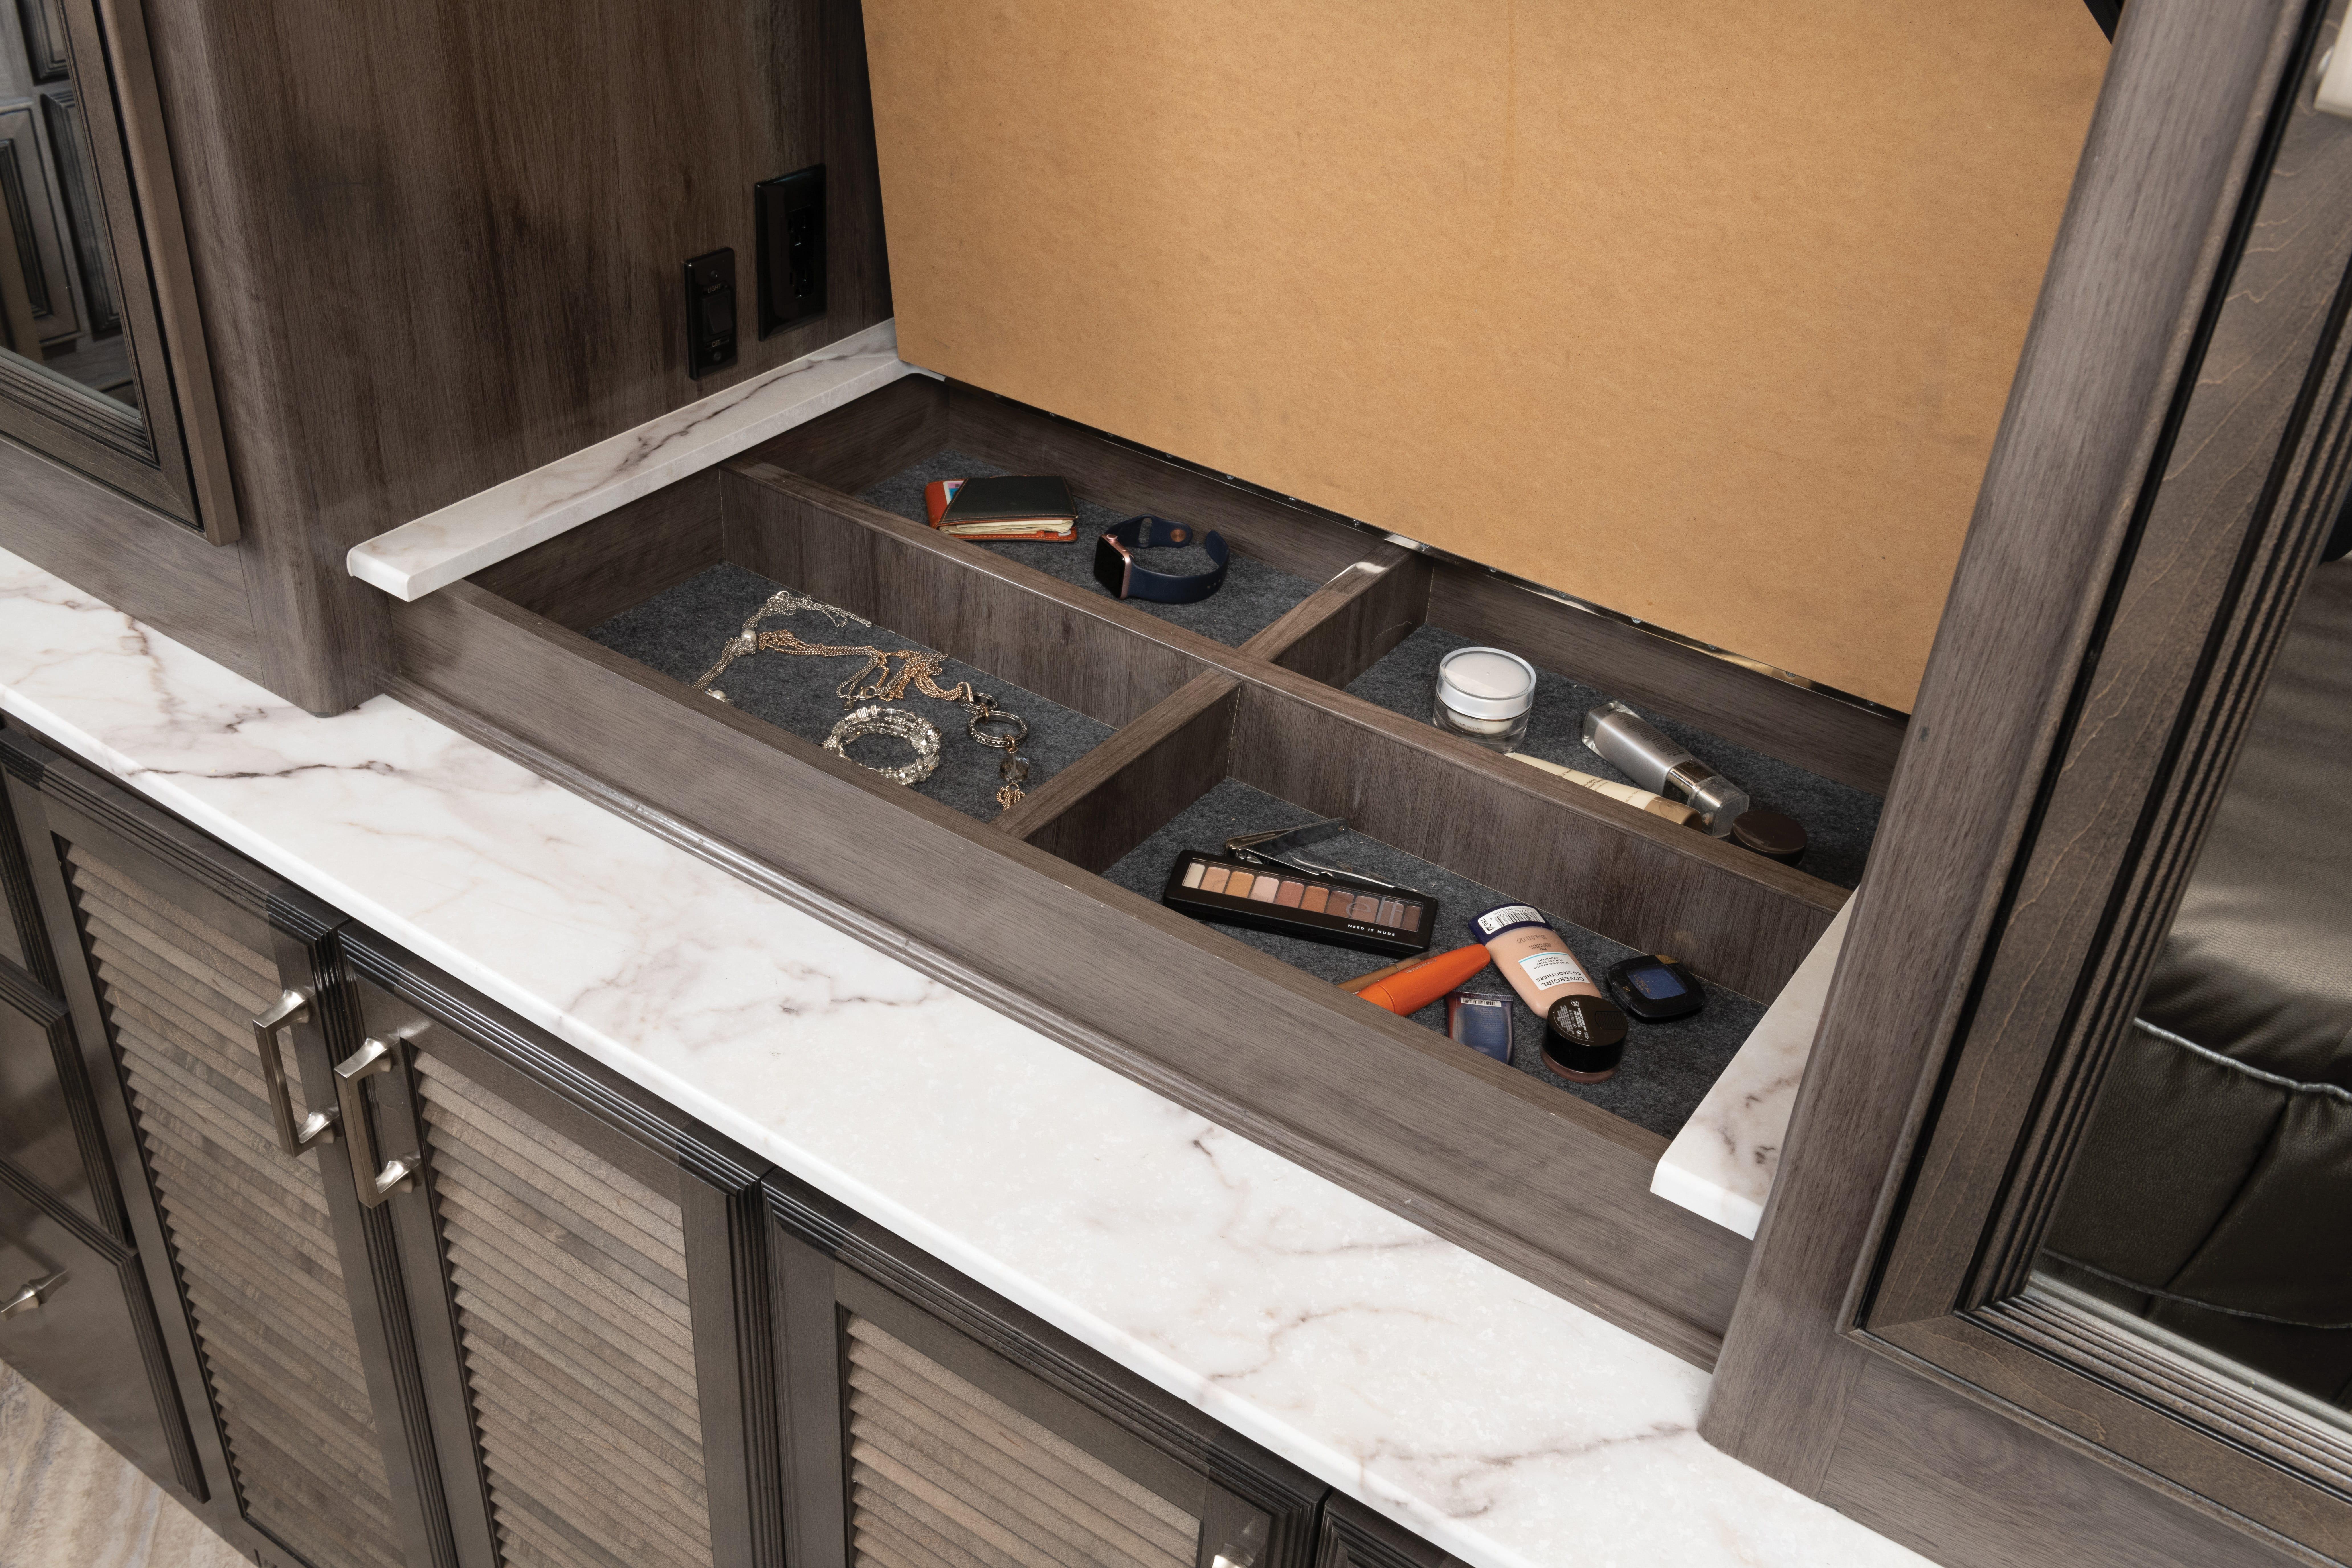 18 dressercaddy 36 U PA alloy Greystone2252